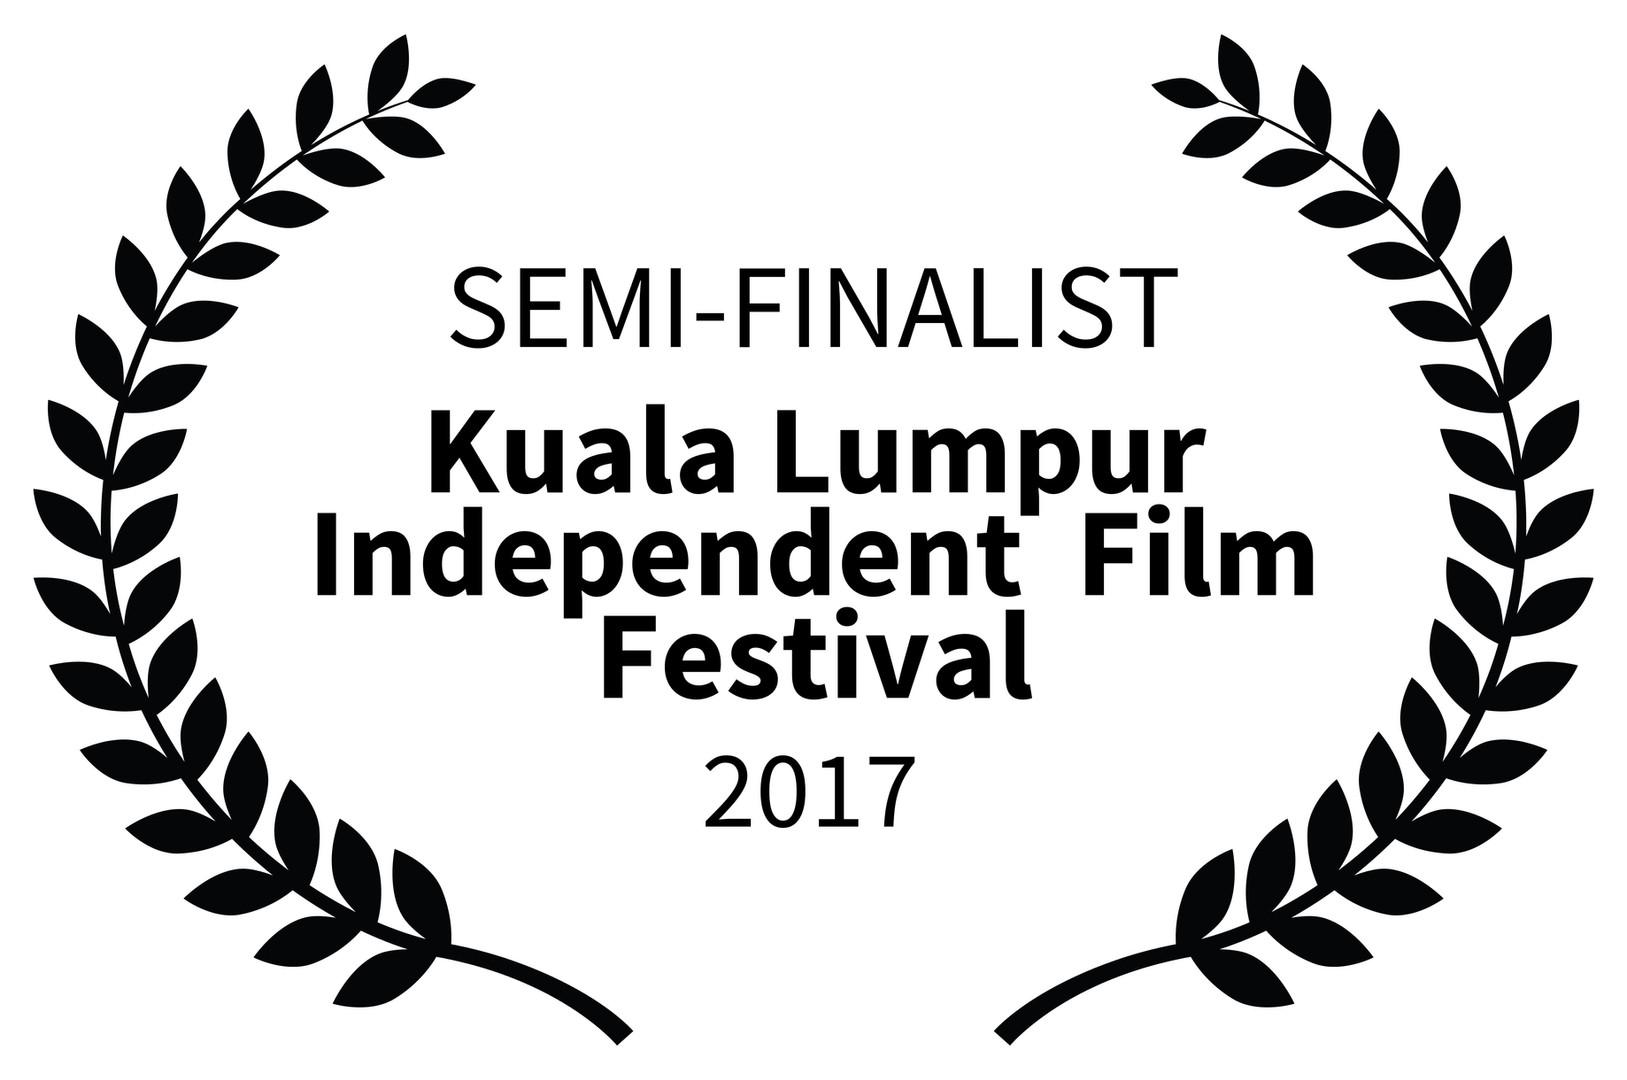 SEMI-FINALIST-KualaLumpurIndependentFilm